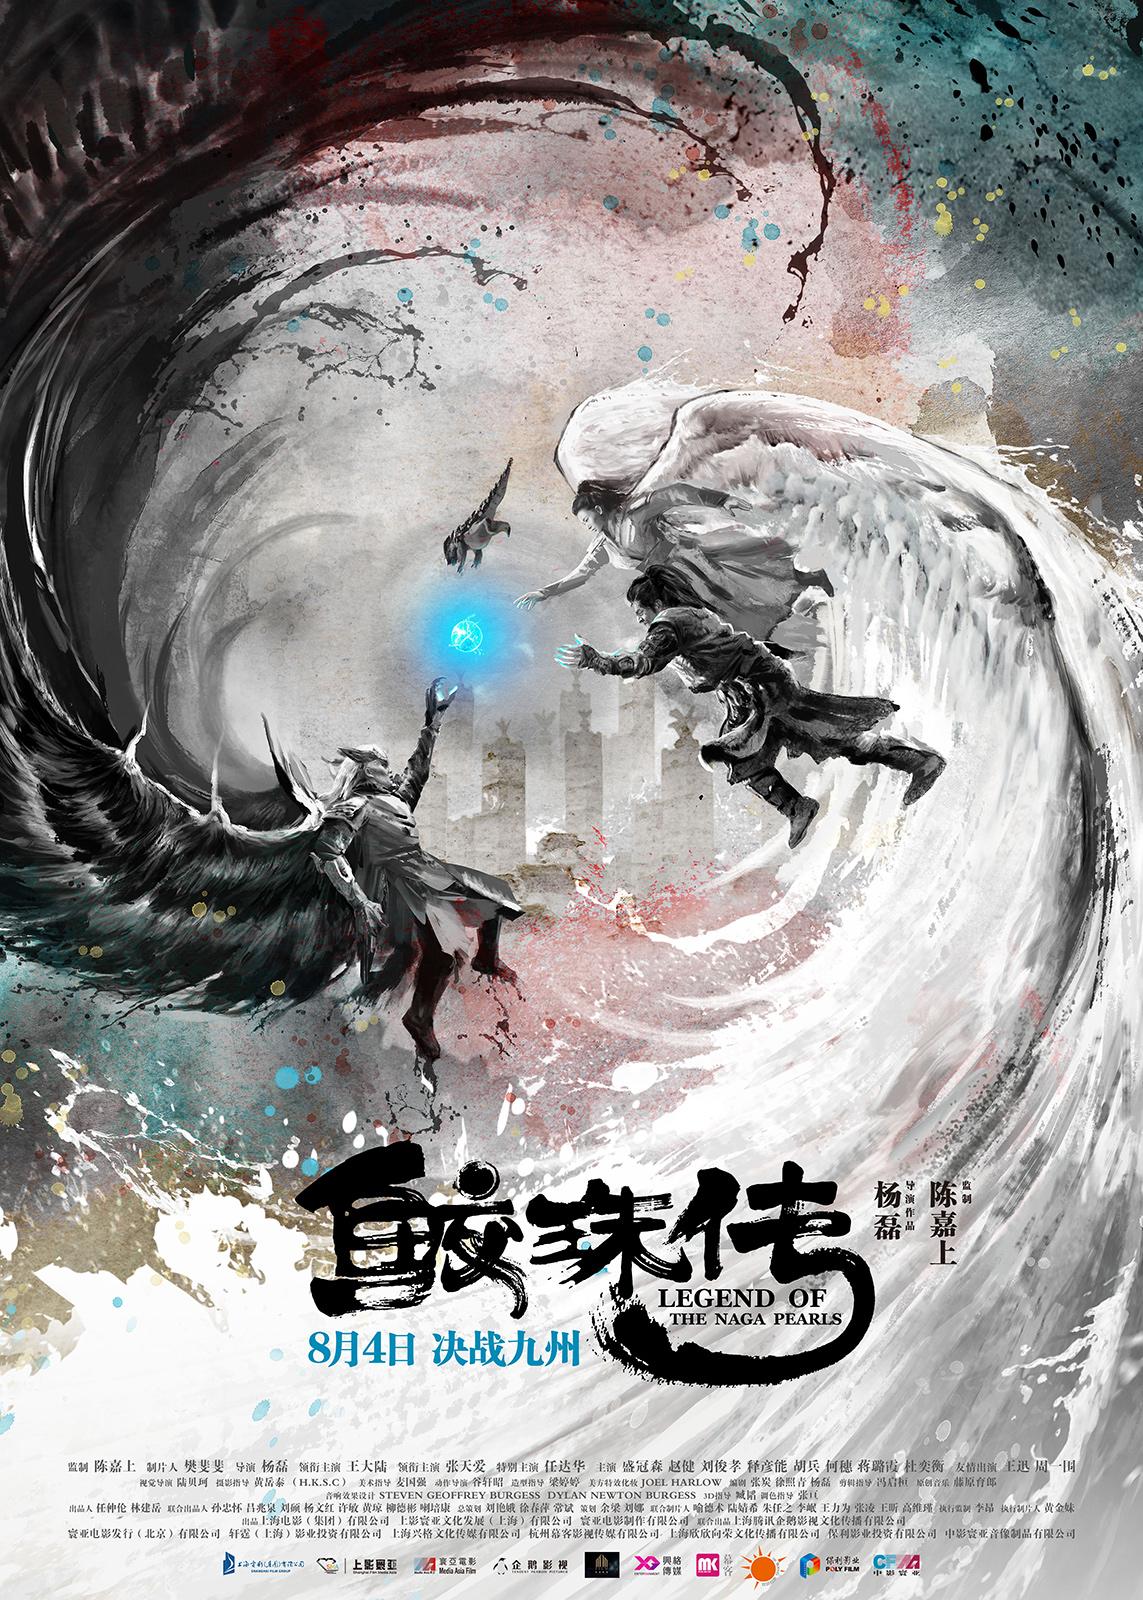 《鲛珠传》九州电影的最终幻想 - 狐狸·梦见乌鸦 - 埋骨之地